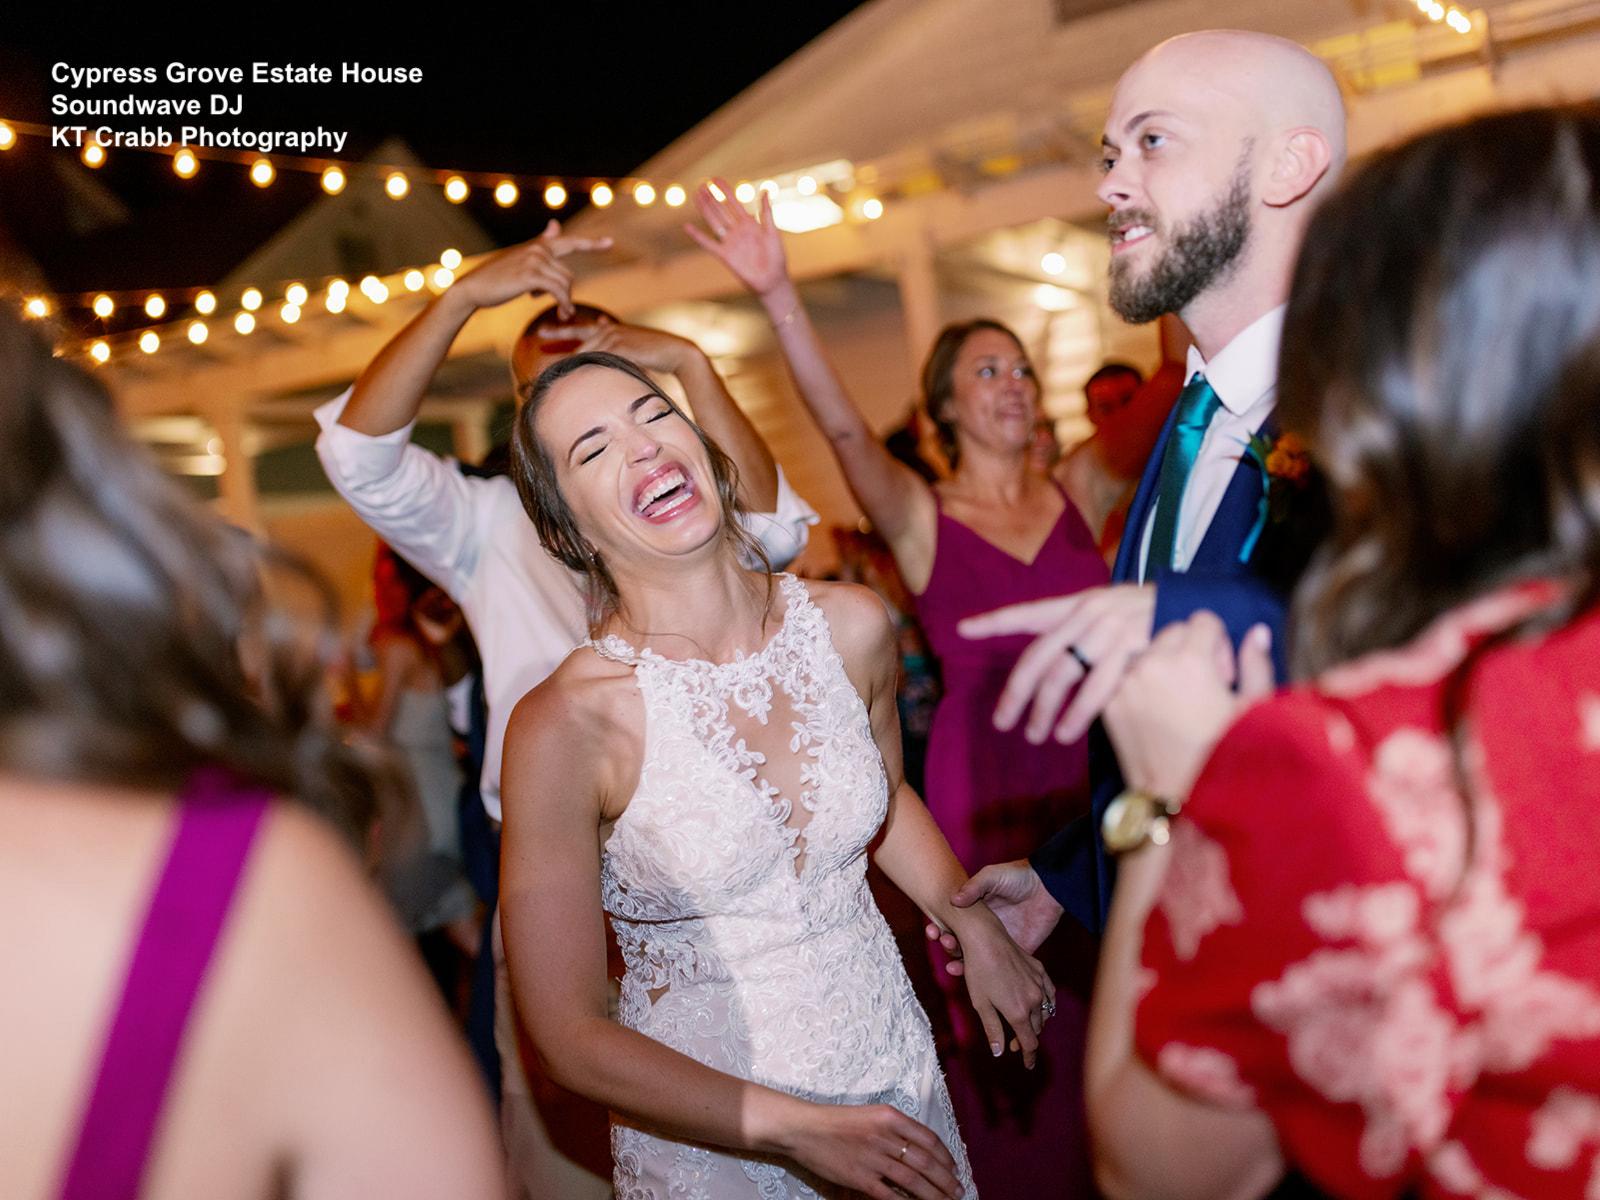 Dance Floor Cypress Grove